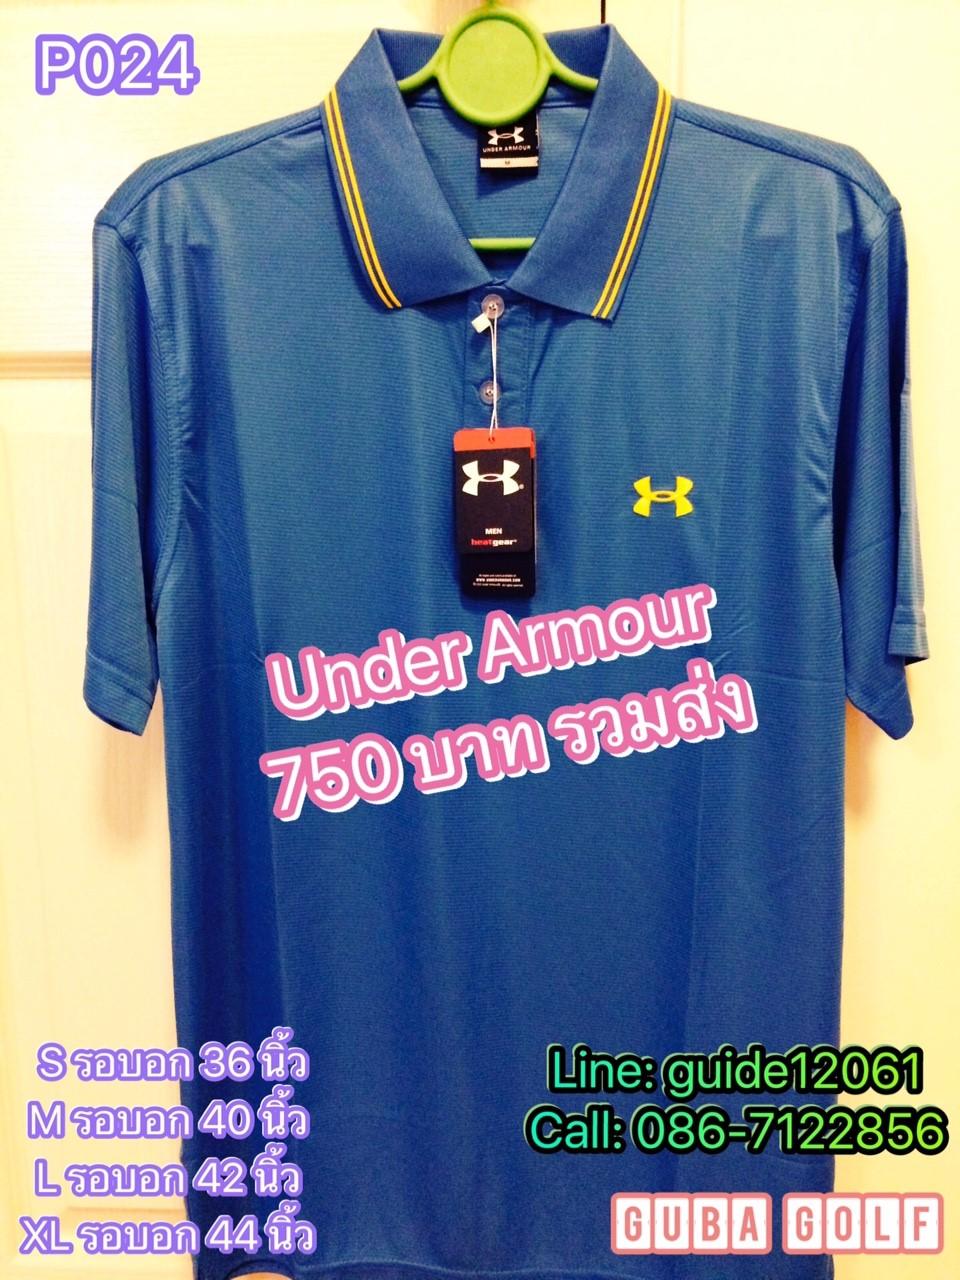 เสื้อ Under Armour size M รอบอก 40 นิ้ว ราคา 750 บาท!!!